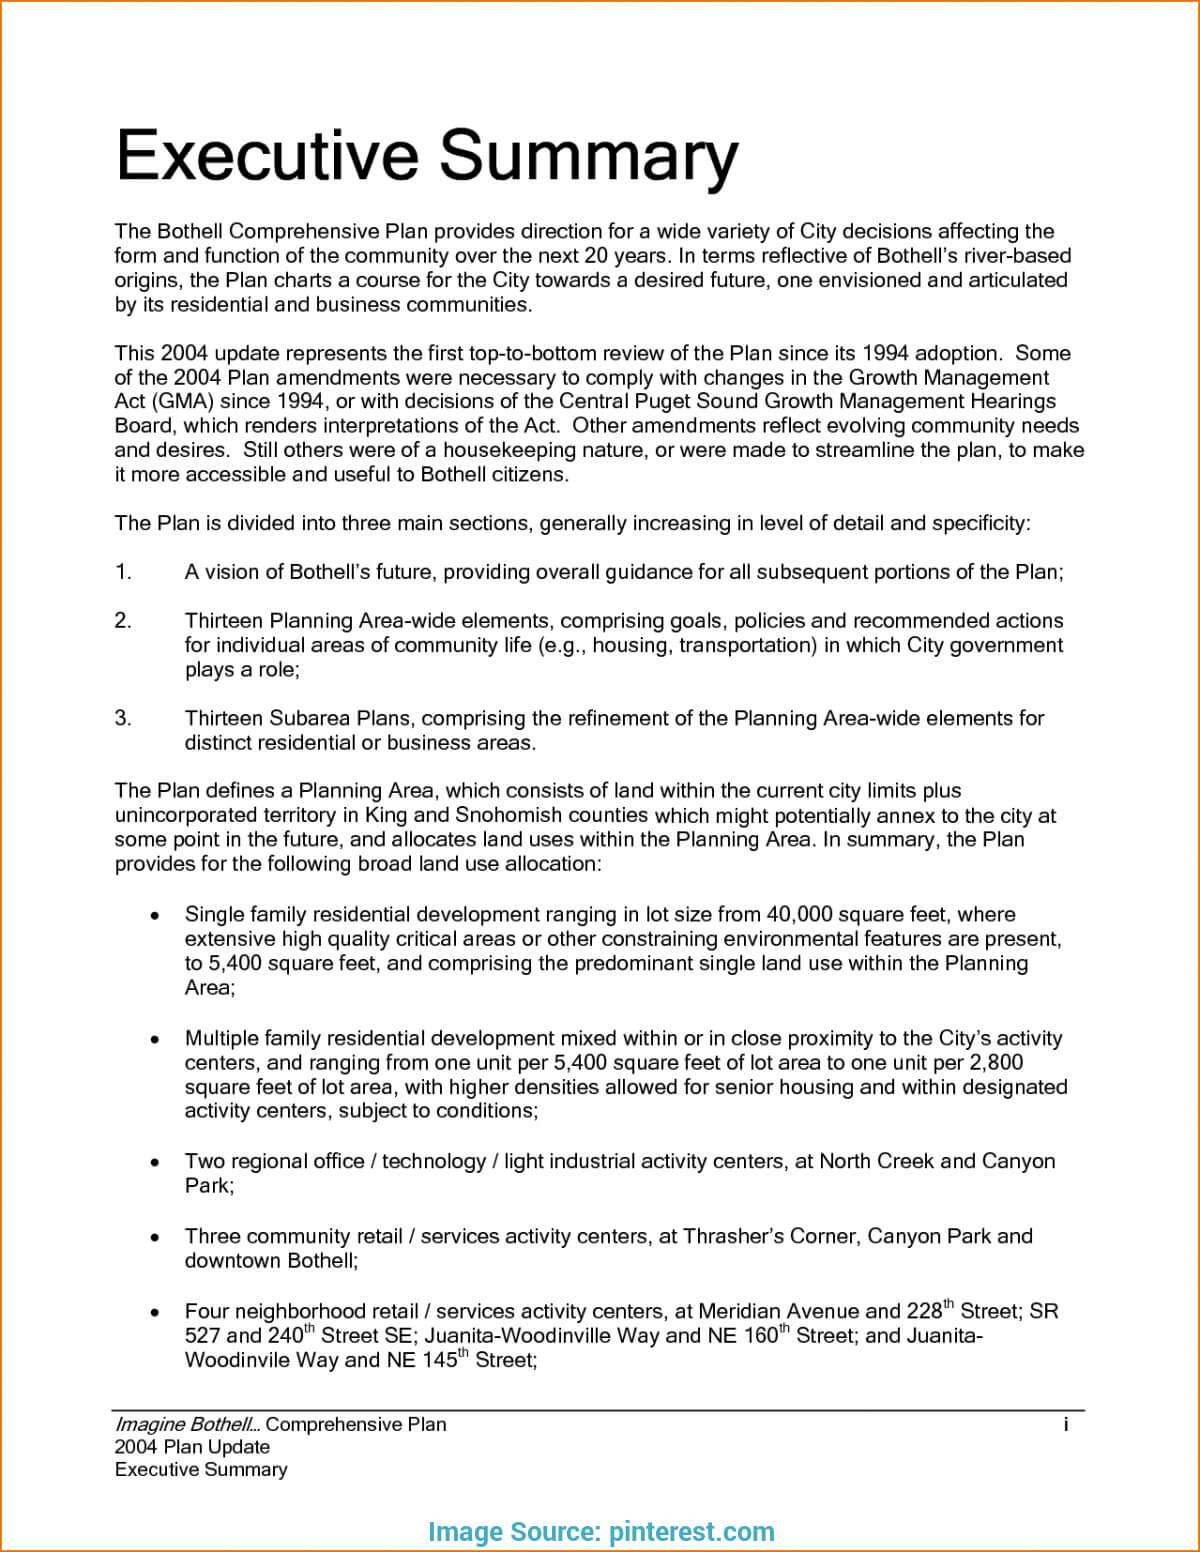 Pintanveer Hasan Sumon On Executive Summary | Executive Pertaining To Executive Summary Report Template